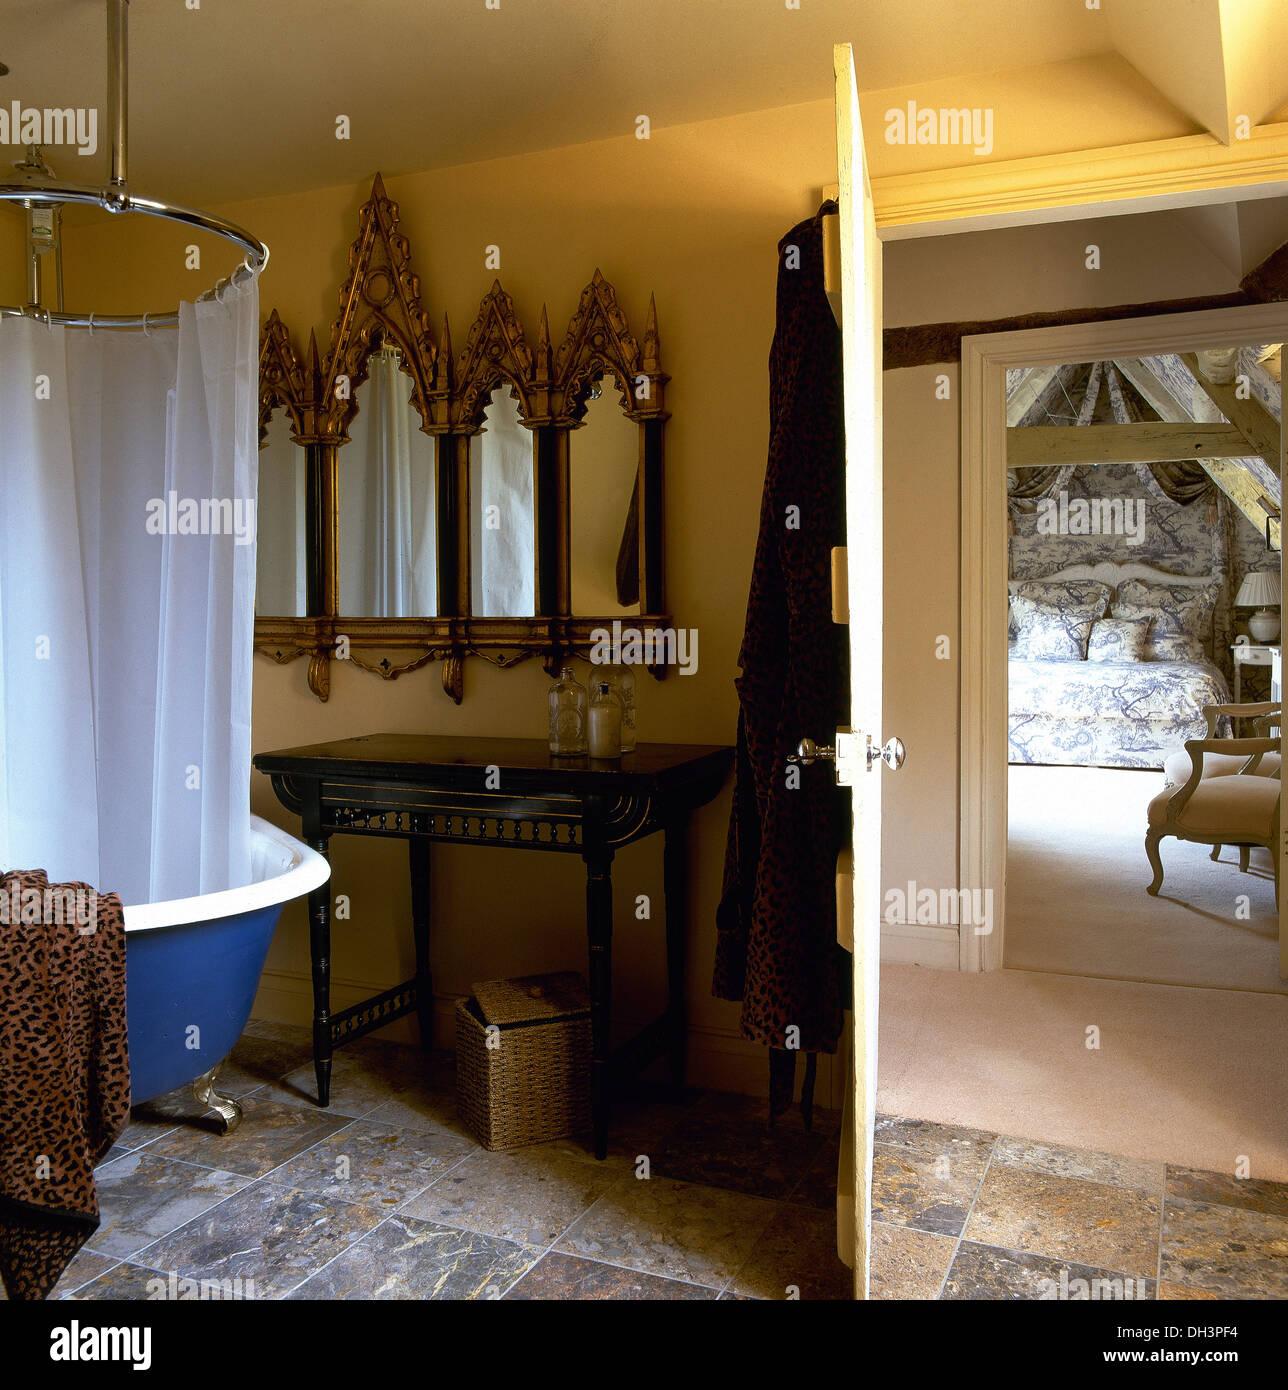 Frame Interiors Stockfotos & Frame Interiors Bilder - Seite 17 - Alamy